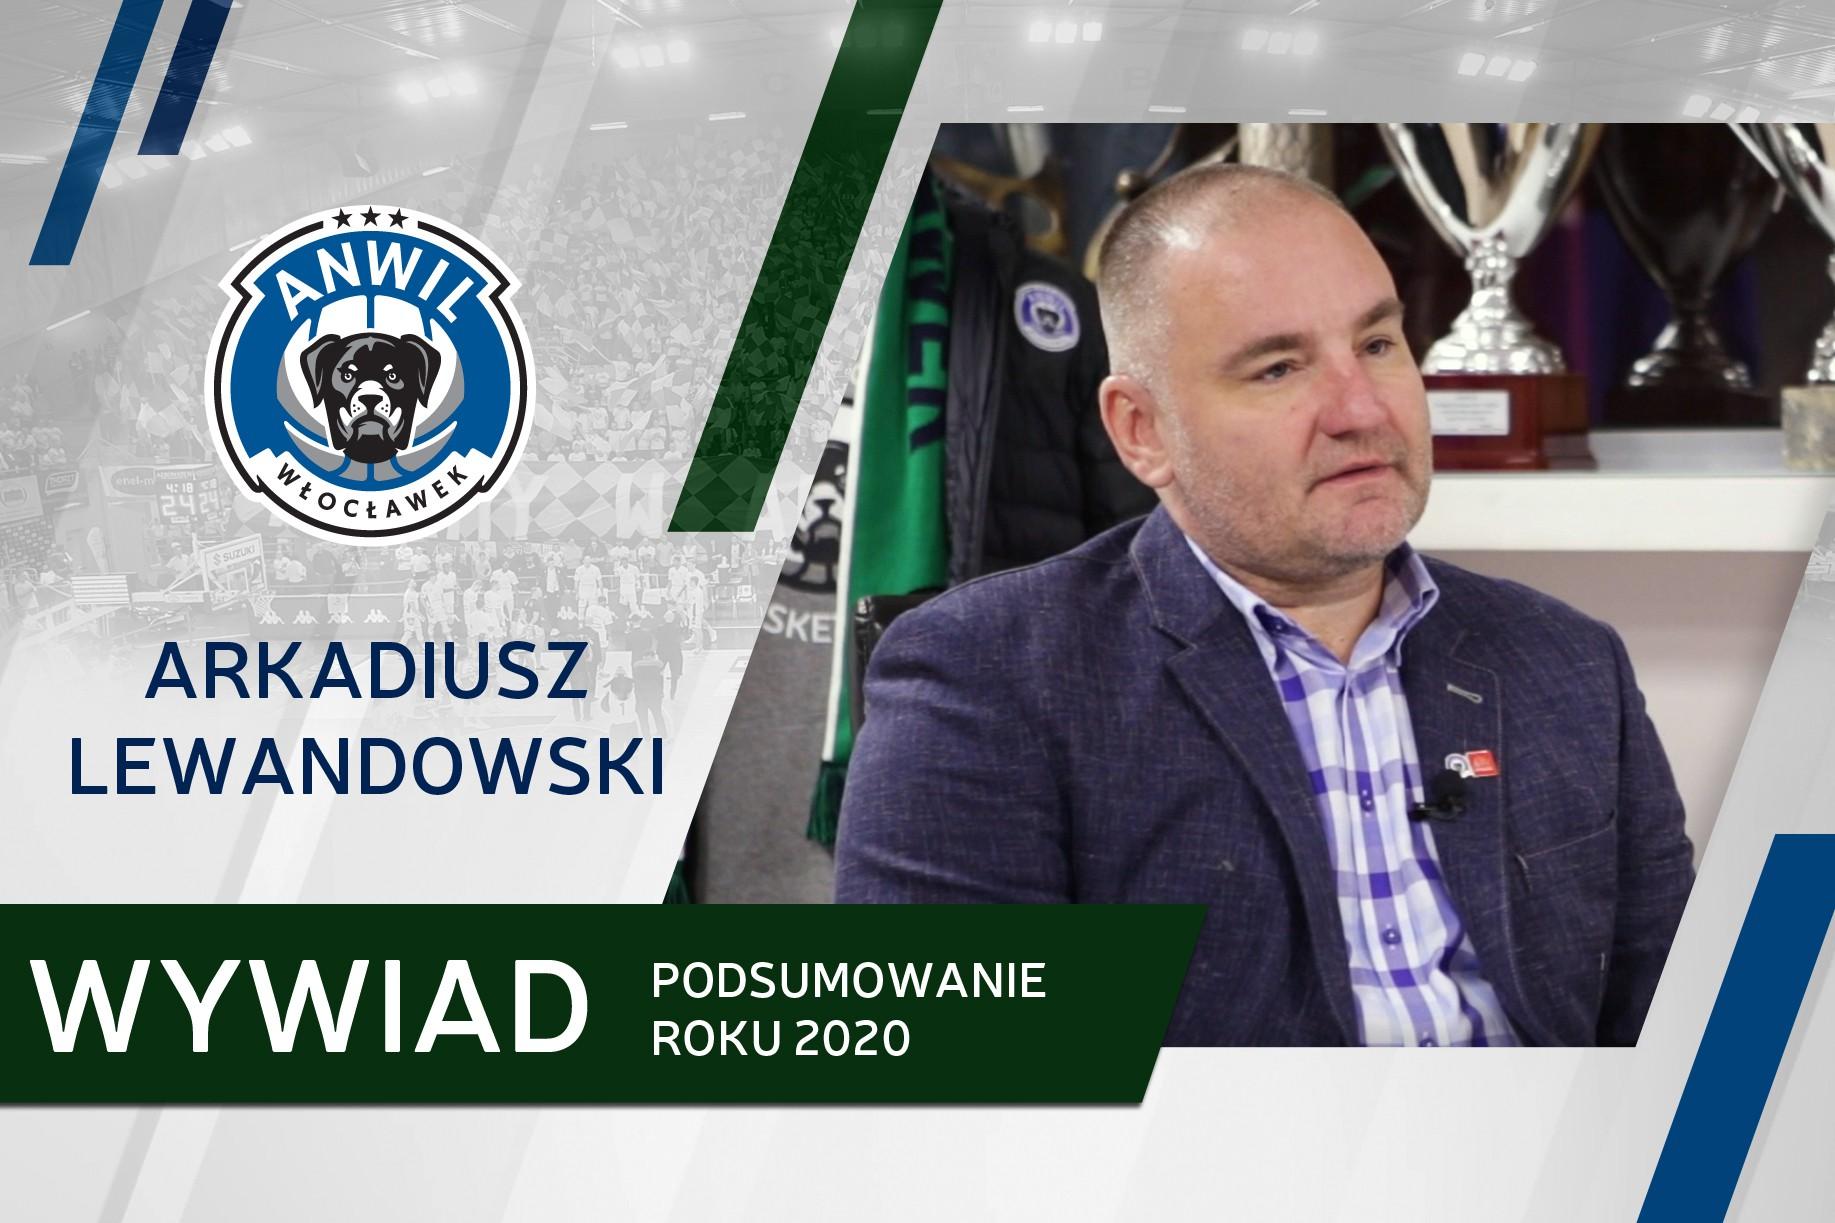 Wideo   Wywiad: prezes zarządu Arkadiusz Lewandowski podsumowuje rok 2020